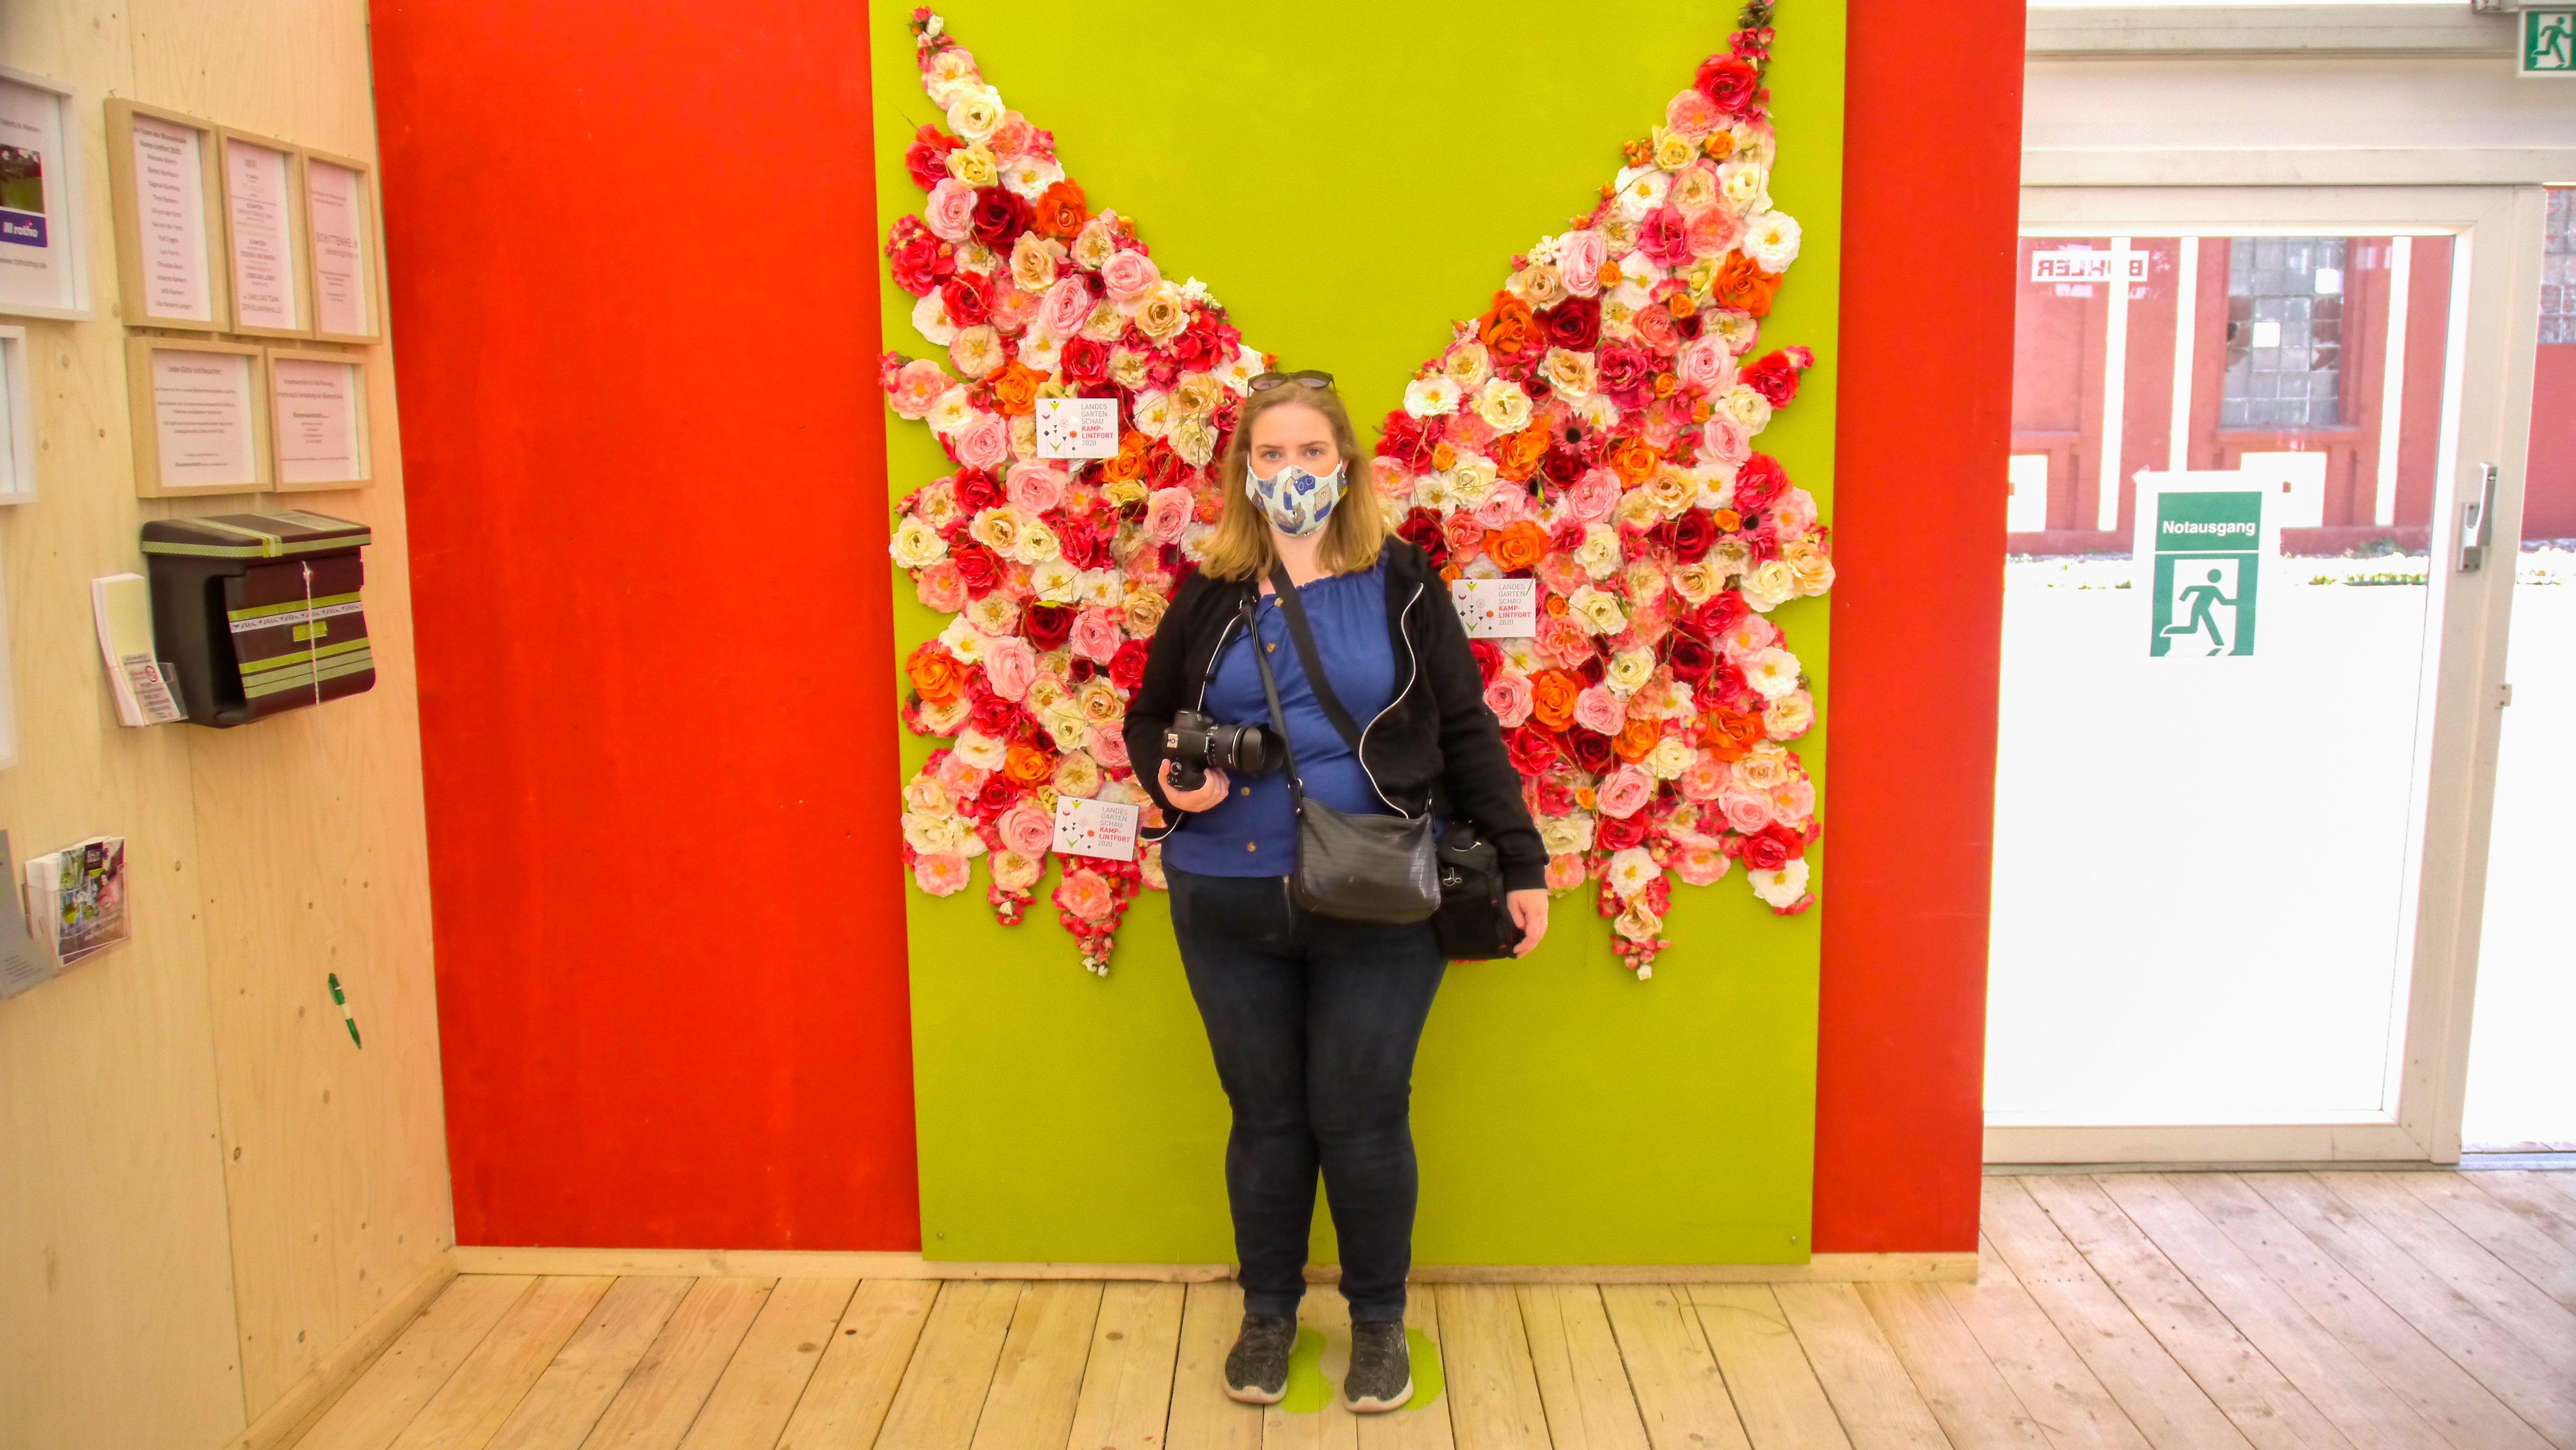 Das Bild zeigt einen Schmetterling aus Blumen